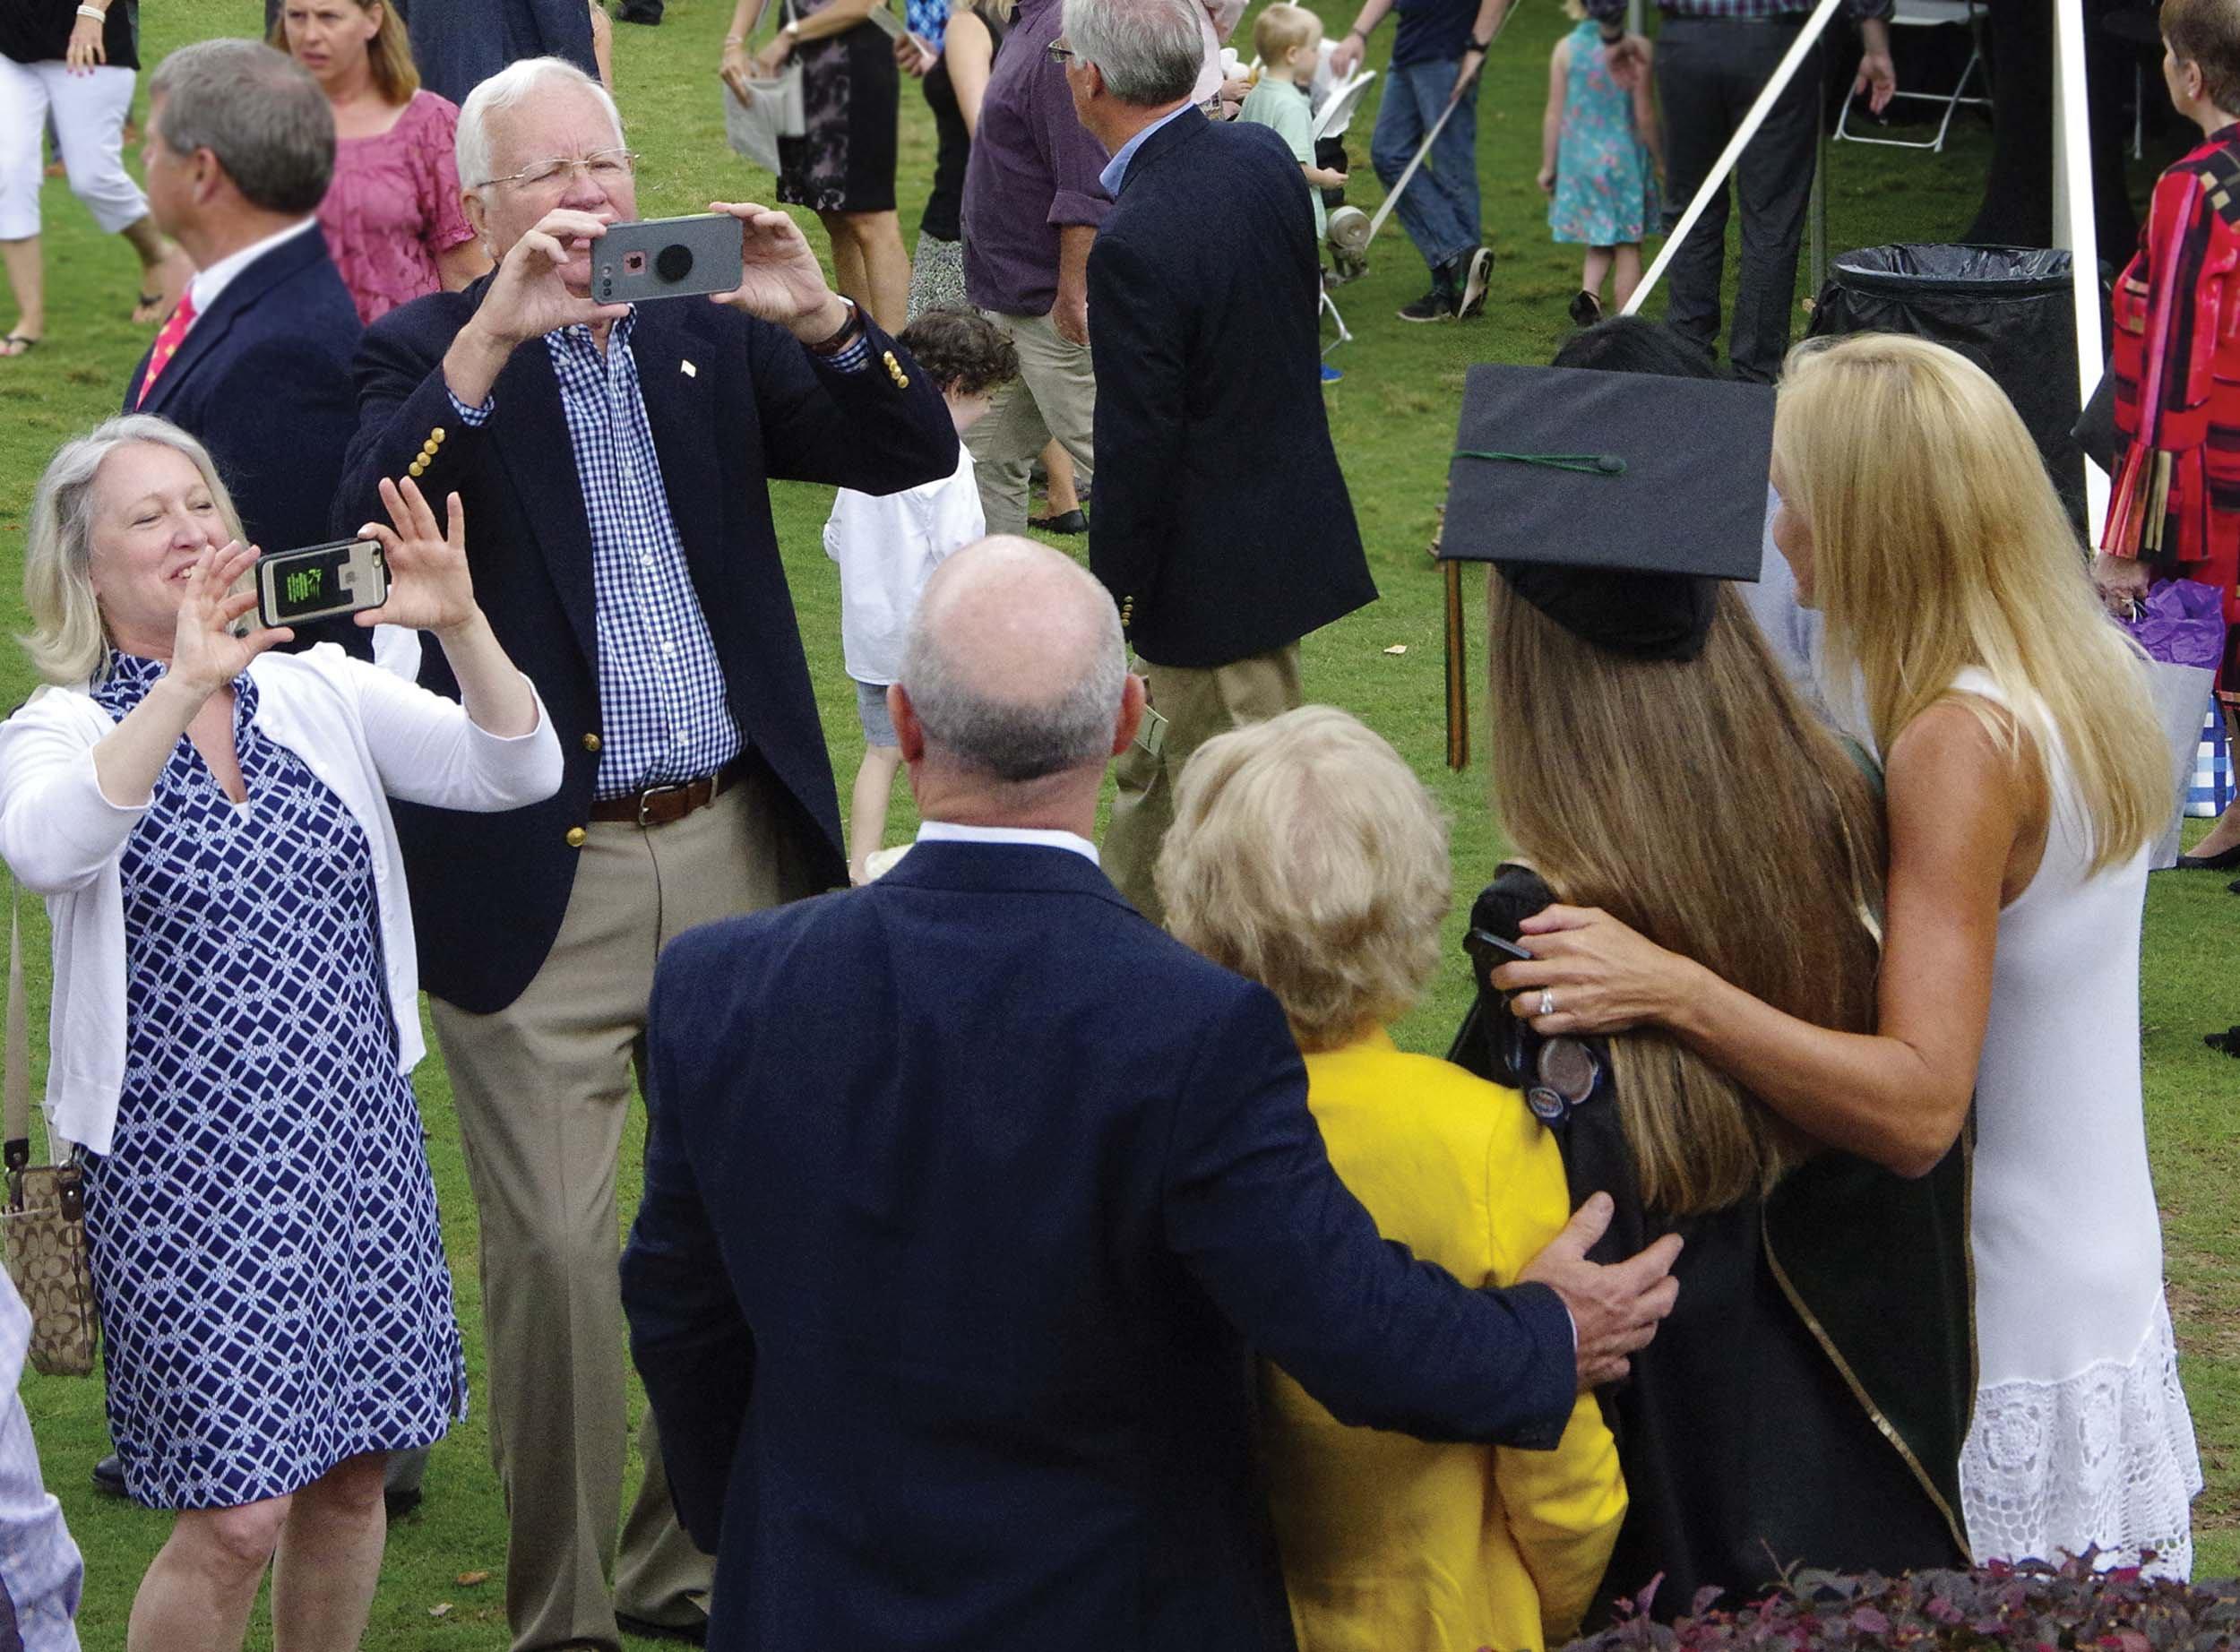 After graduation photos